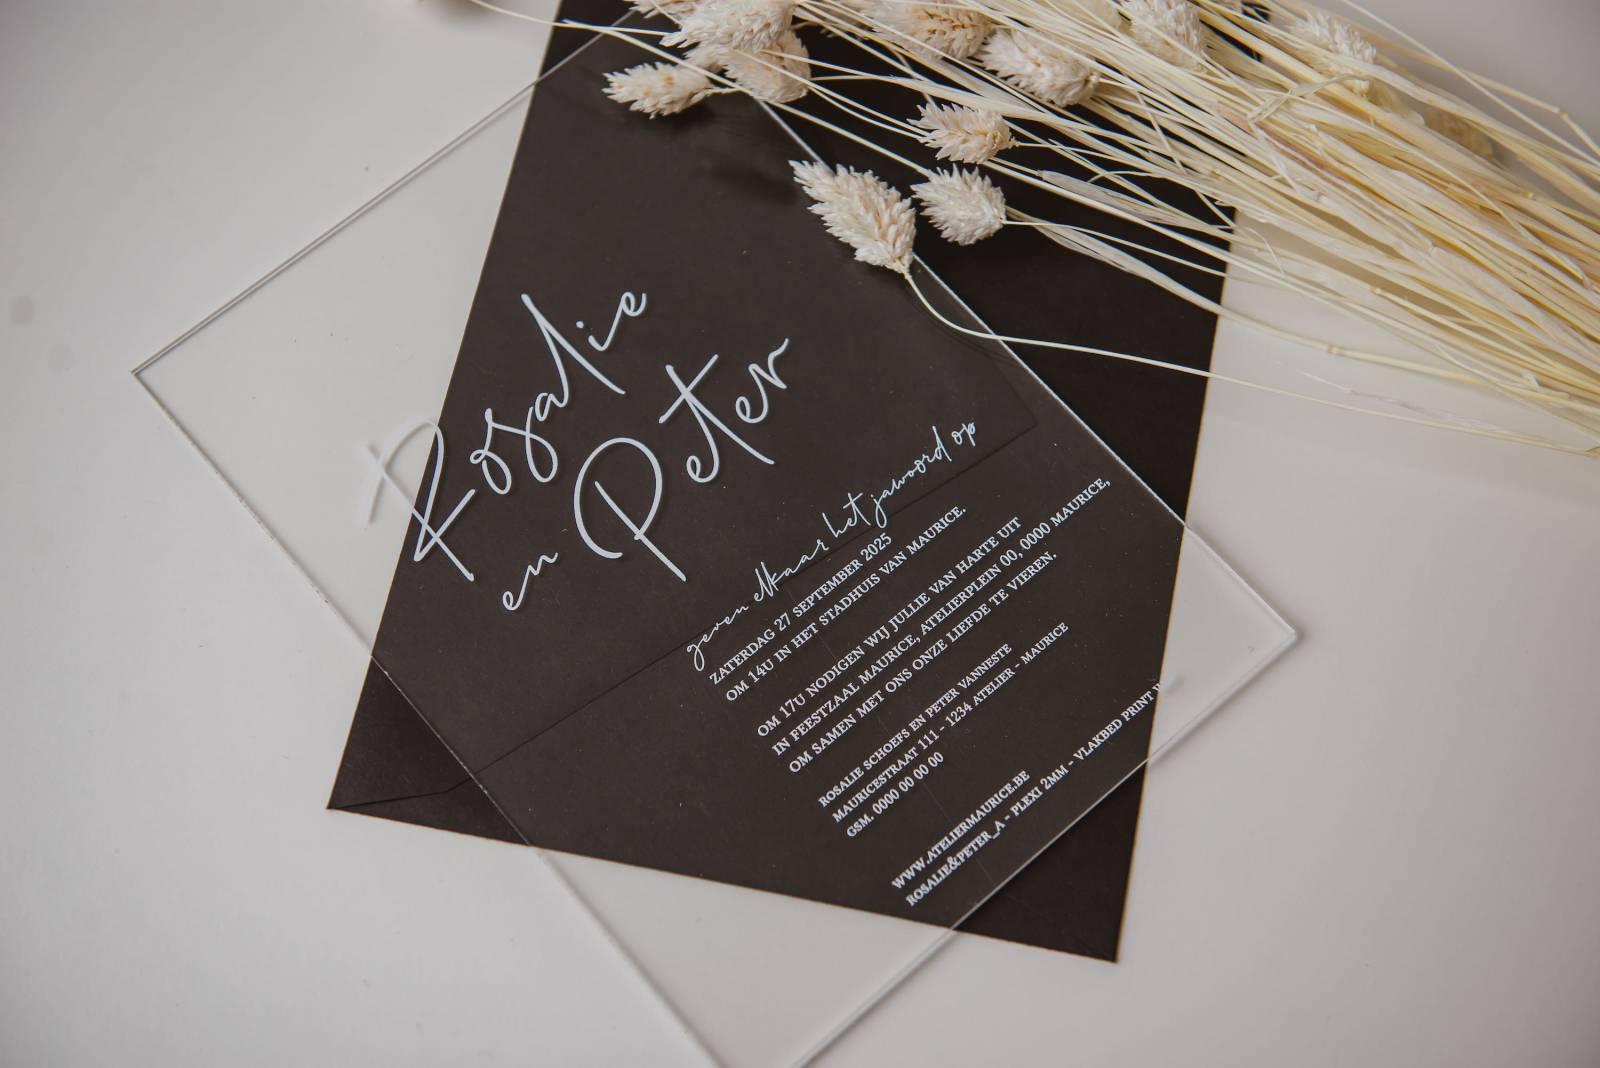 Atelier Maurice - Celien Decloedt - Trouwuitnodigingen en drukwerk - House of Weddings 13